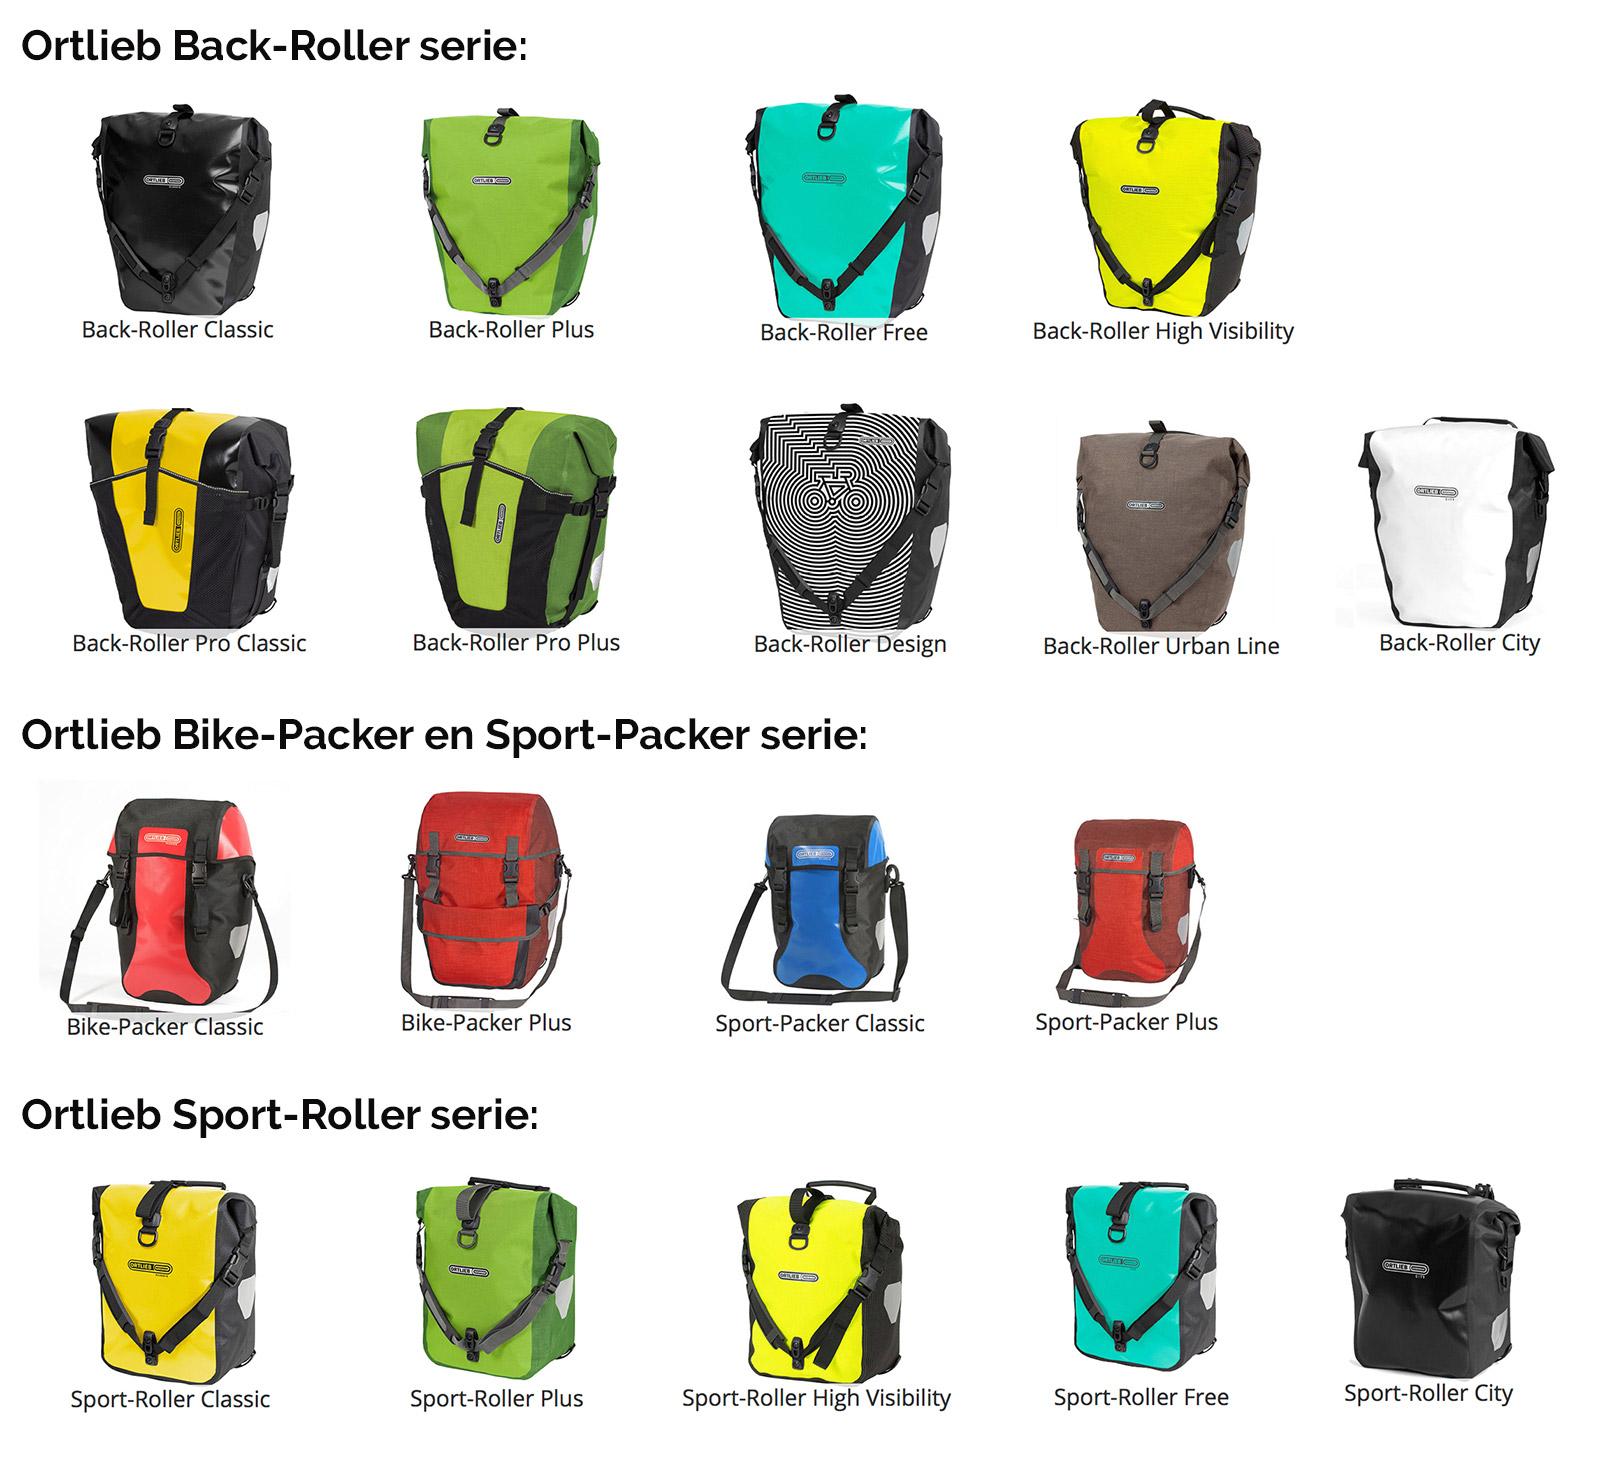 e5fd8c1275c Ortlieb fietstassen kunnen op verschillende bagagedragers gemonteerd  worden. Ortlieb maakt tassen met veschillende Quick-Lock (QL) systemen.